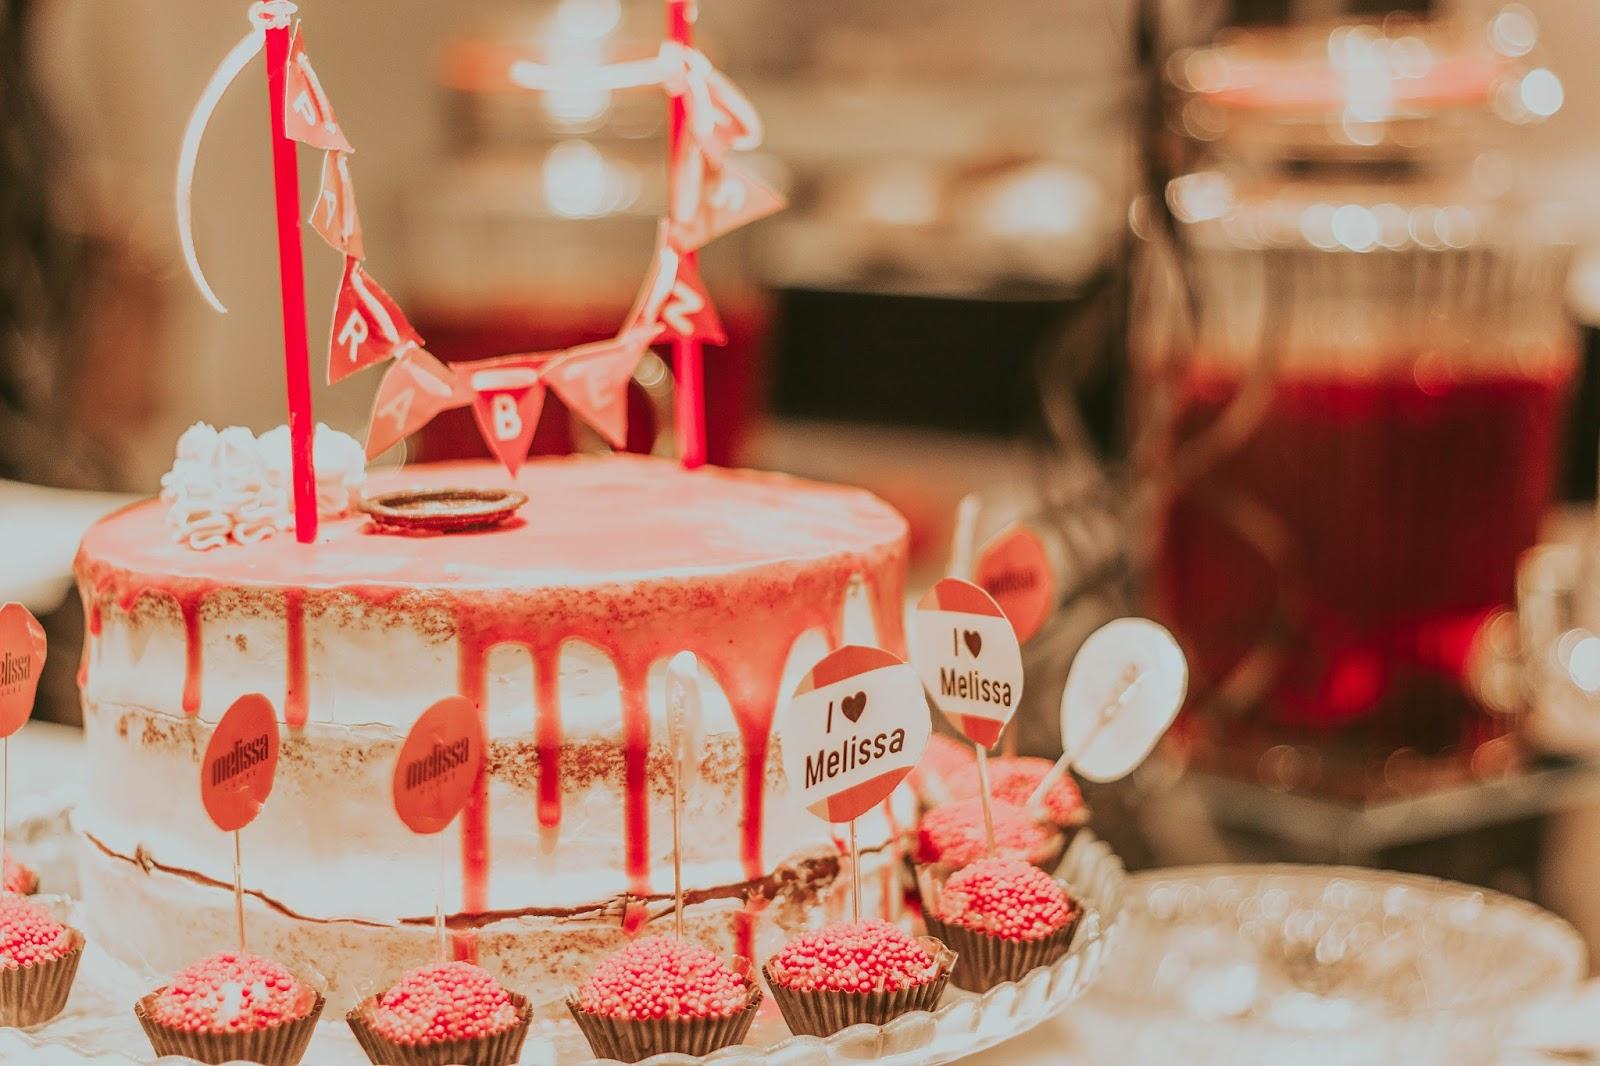 af29da157dd Aniversário de 3 anos do clube melissa do shopping jardins - Blog da ...